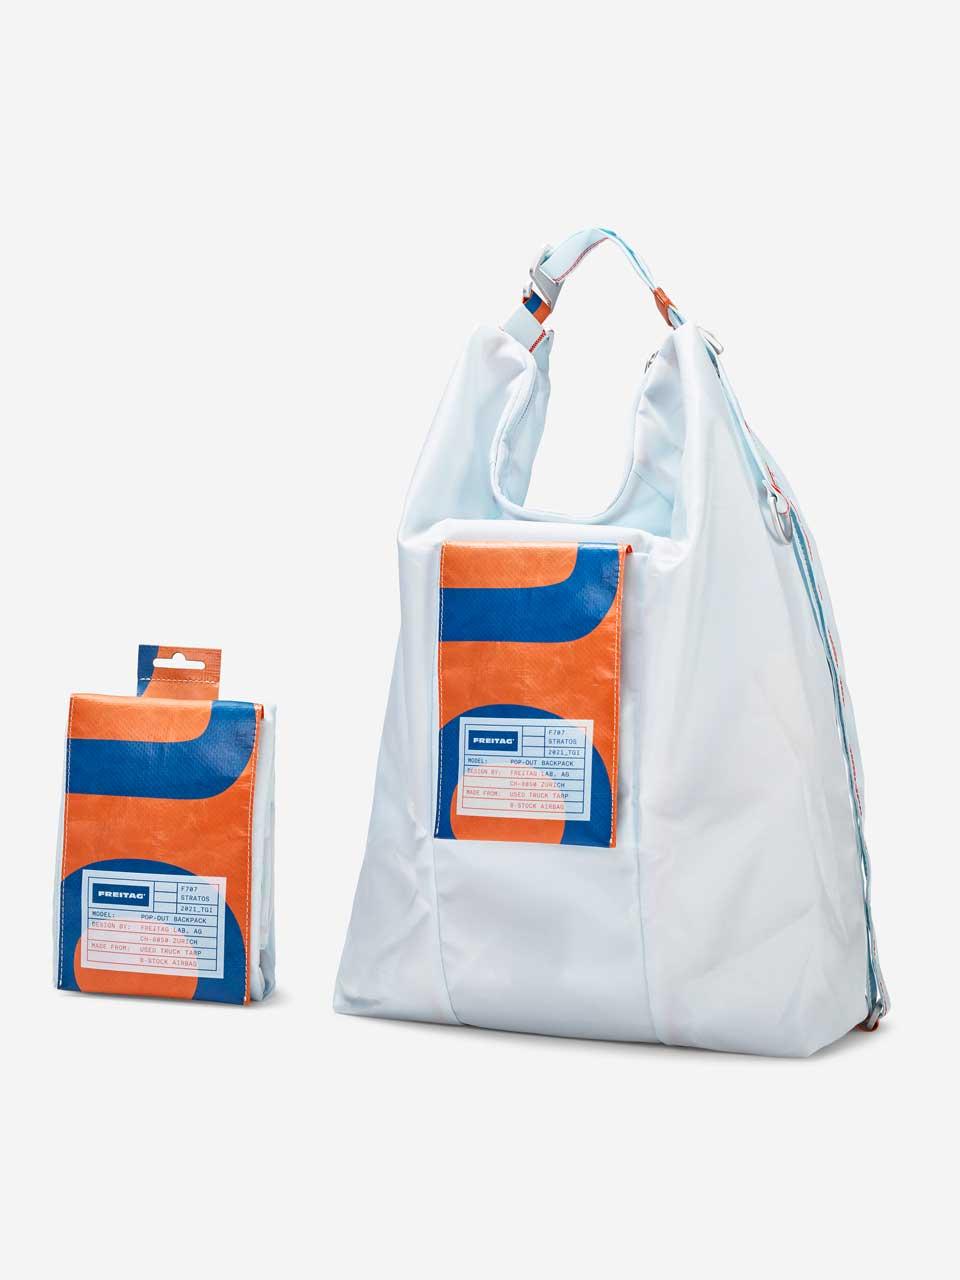 F707Stratos bag FREITAG LightBlue upcycling airbag